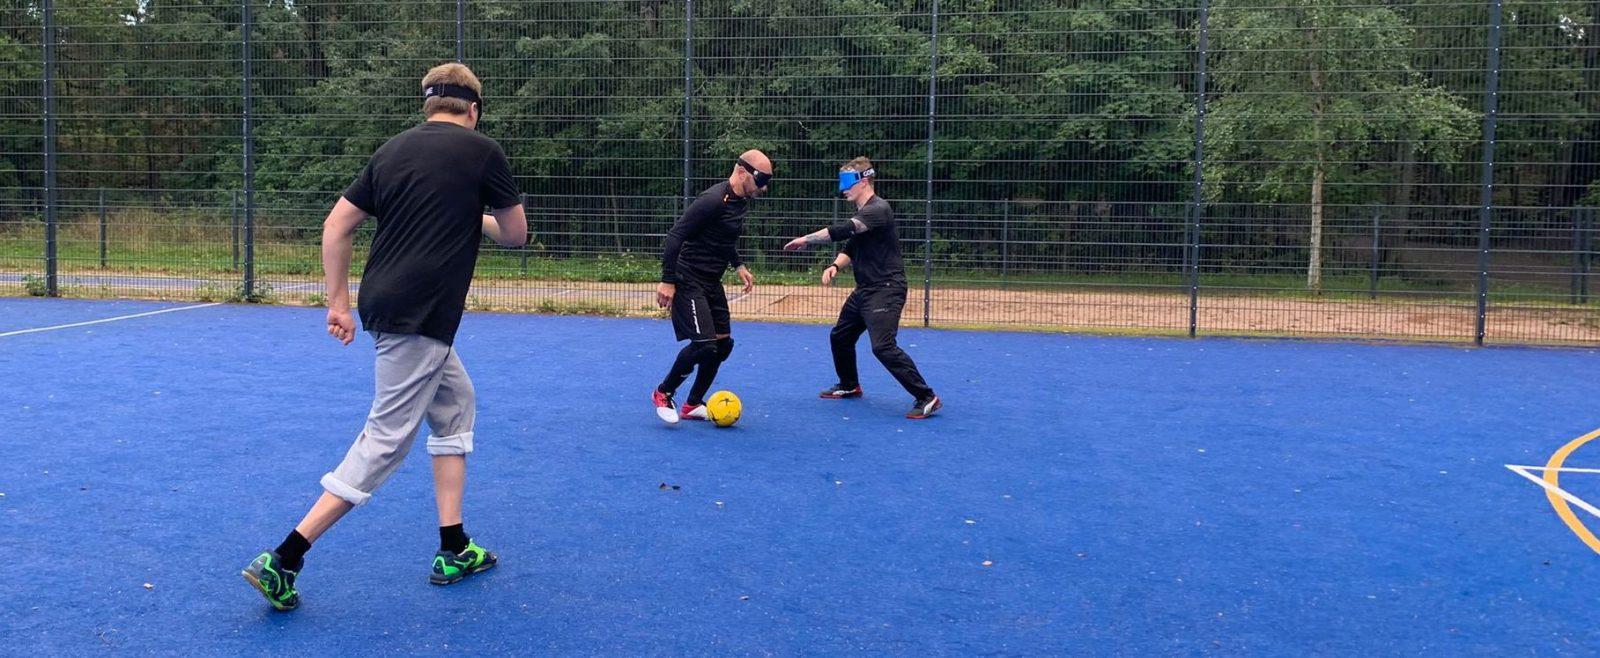 Pelitilannekuva näkövammaisjalkapallosta. Pelaaja etenee pallon kanssa. Puolustaja on käden etäisyyden päässä vastassa ja toinen pelaaja juoksee etualalla rinnalla.